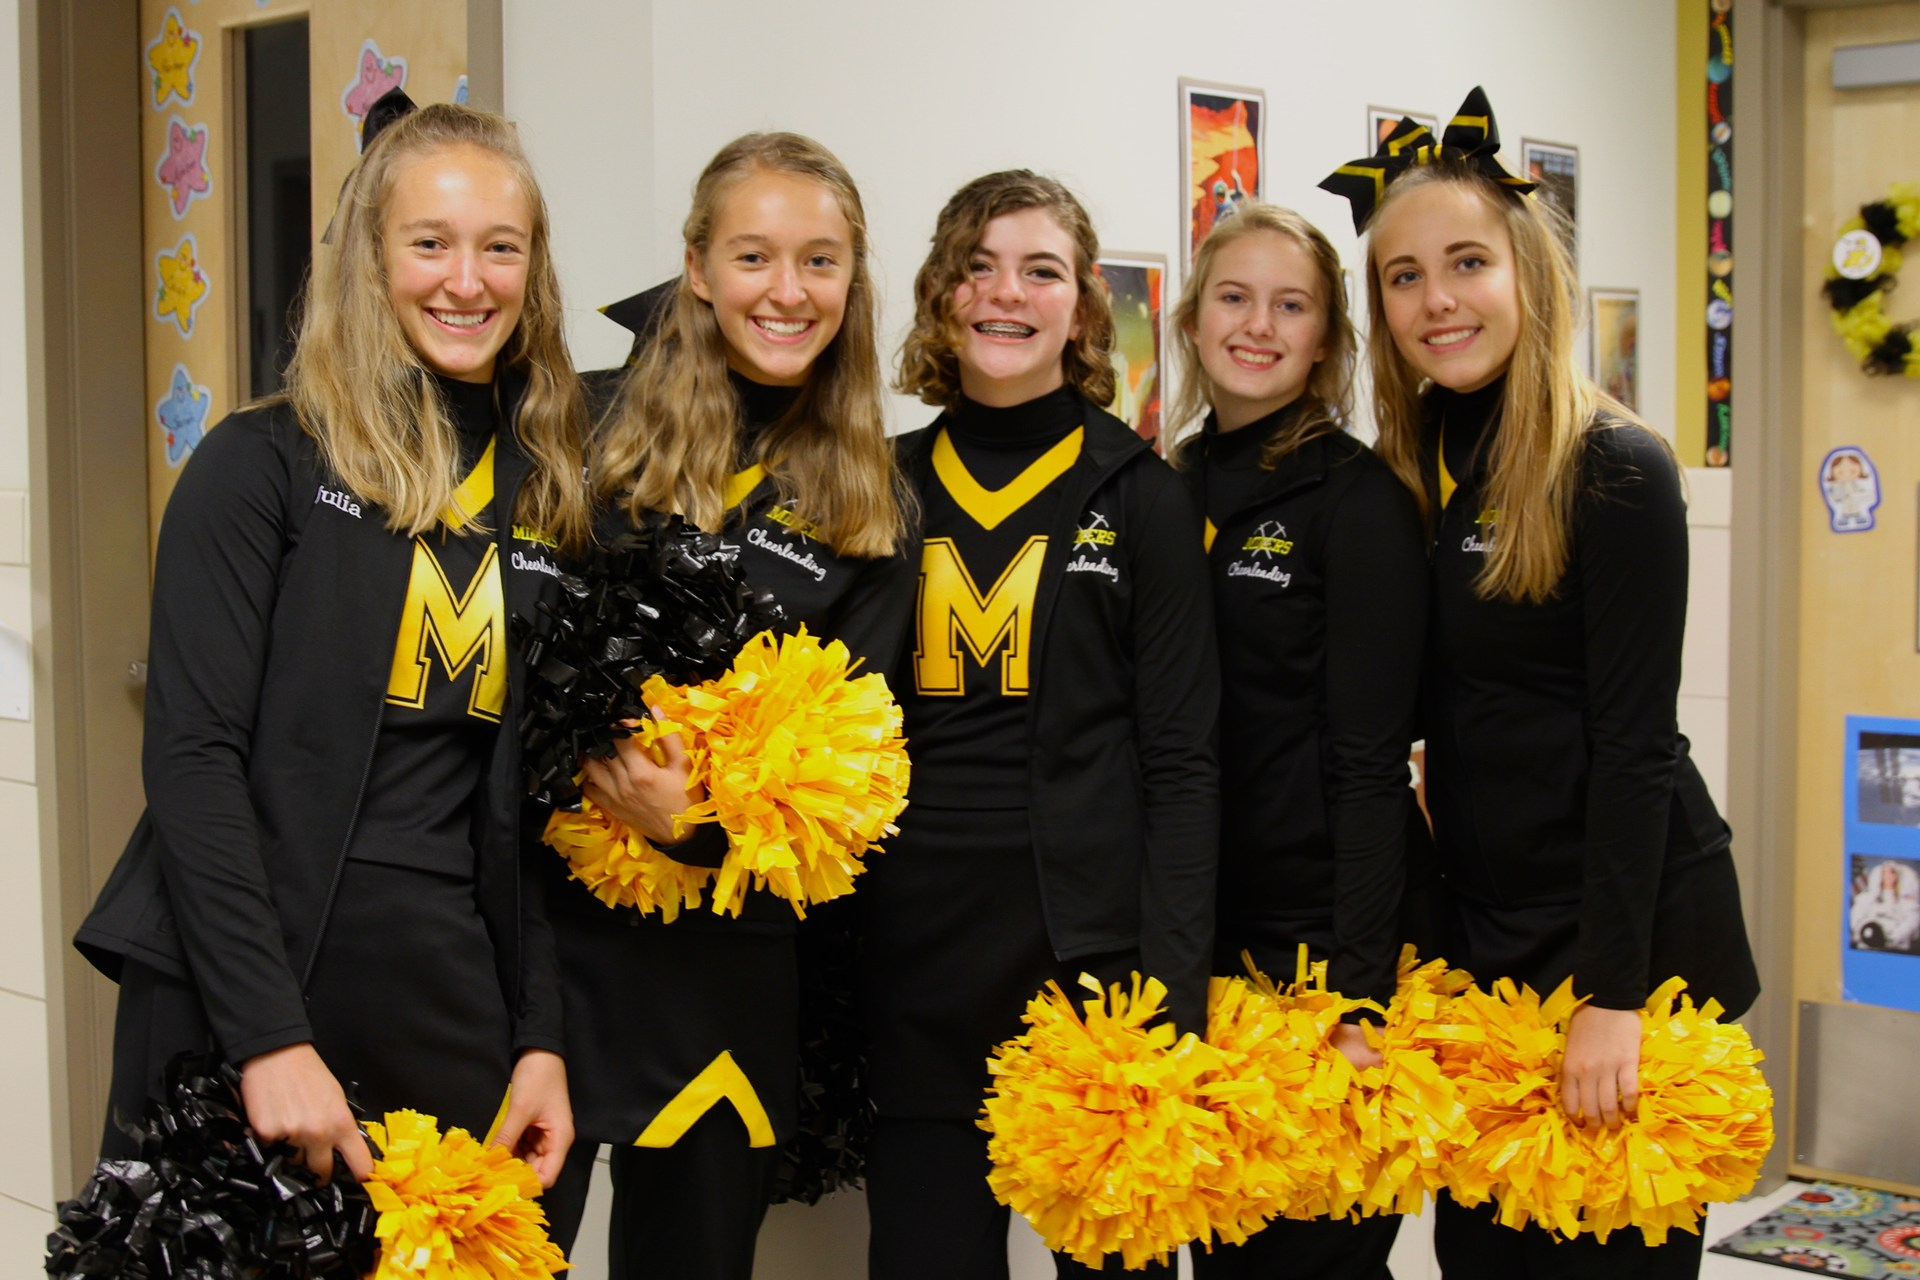 PRA Cheerleaders